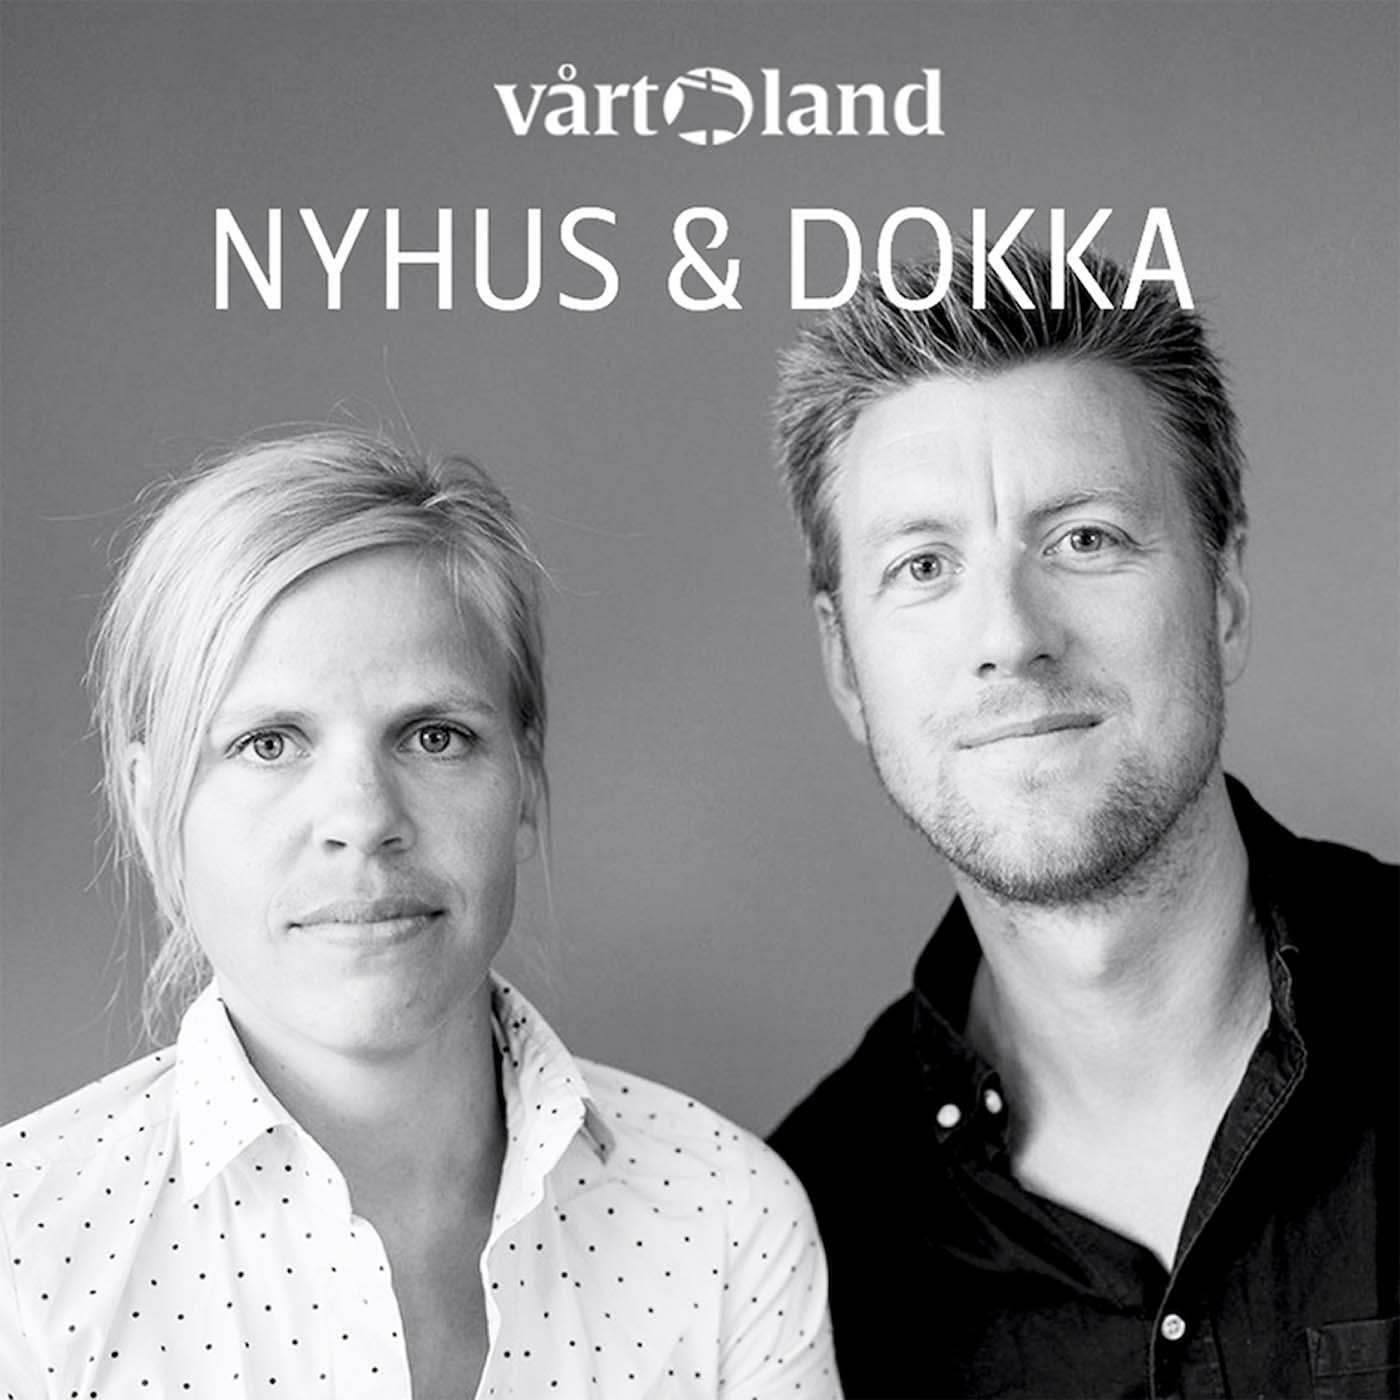 Nyhus & Dokka